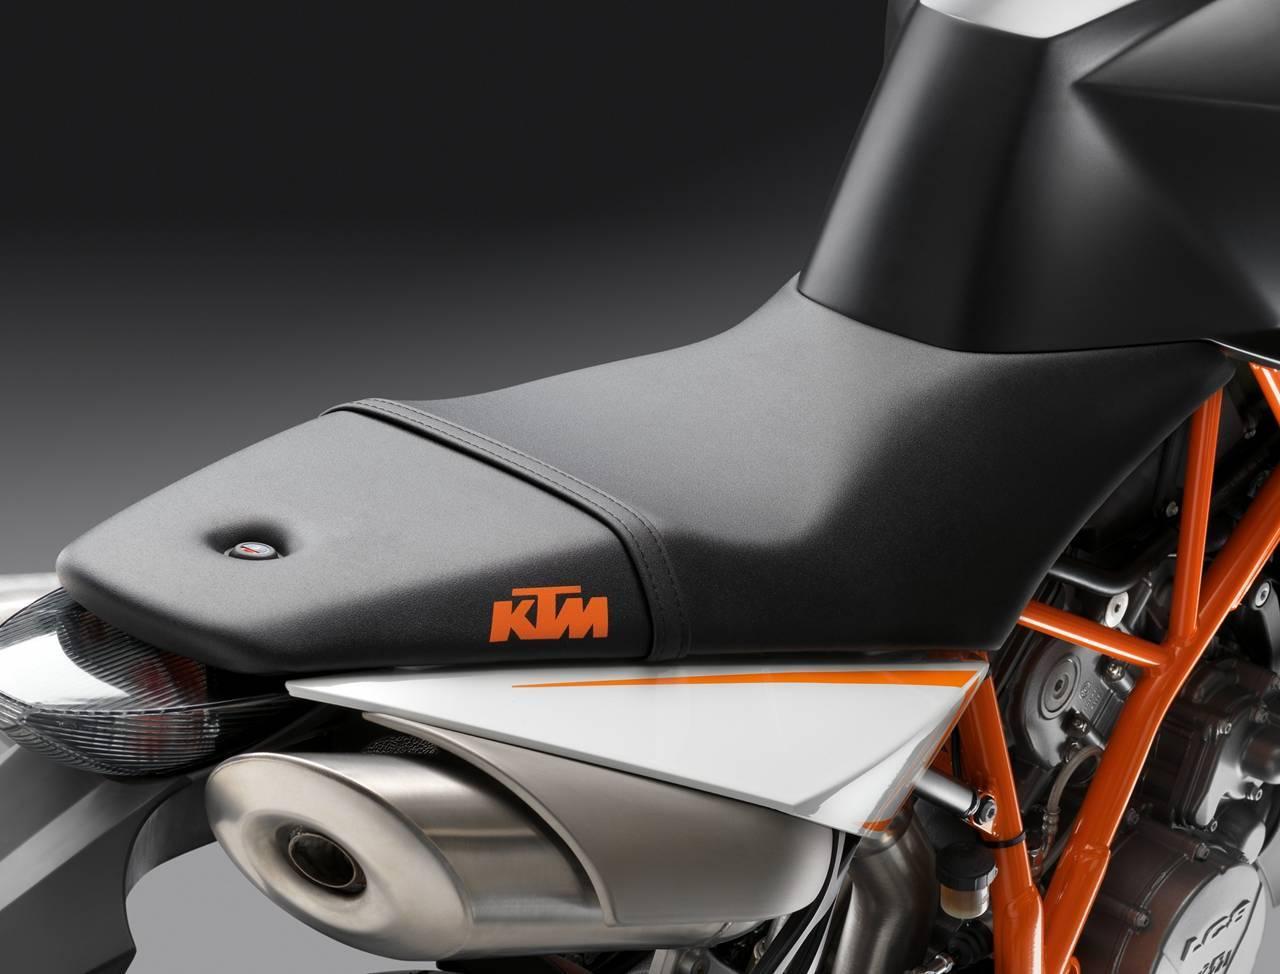 Foto de Resto de novedades de KTM presentada en el Salón de Milán 2011 (23/25)